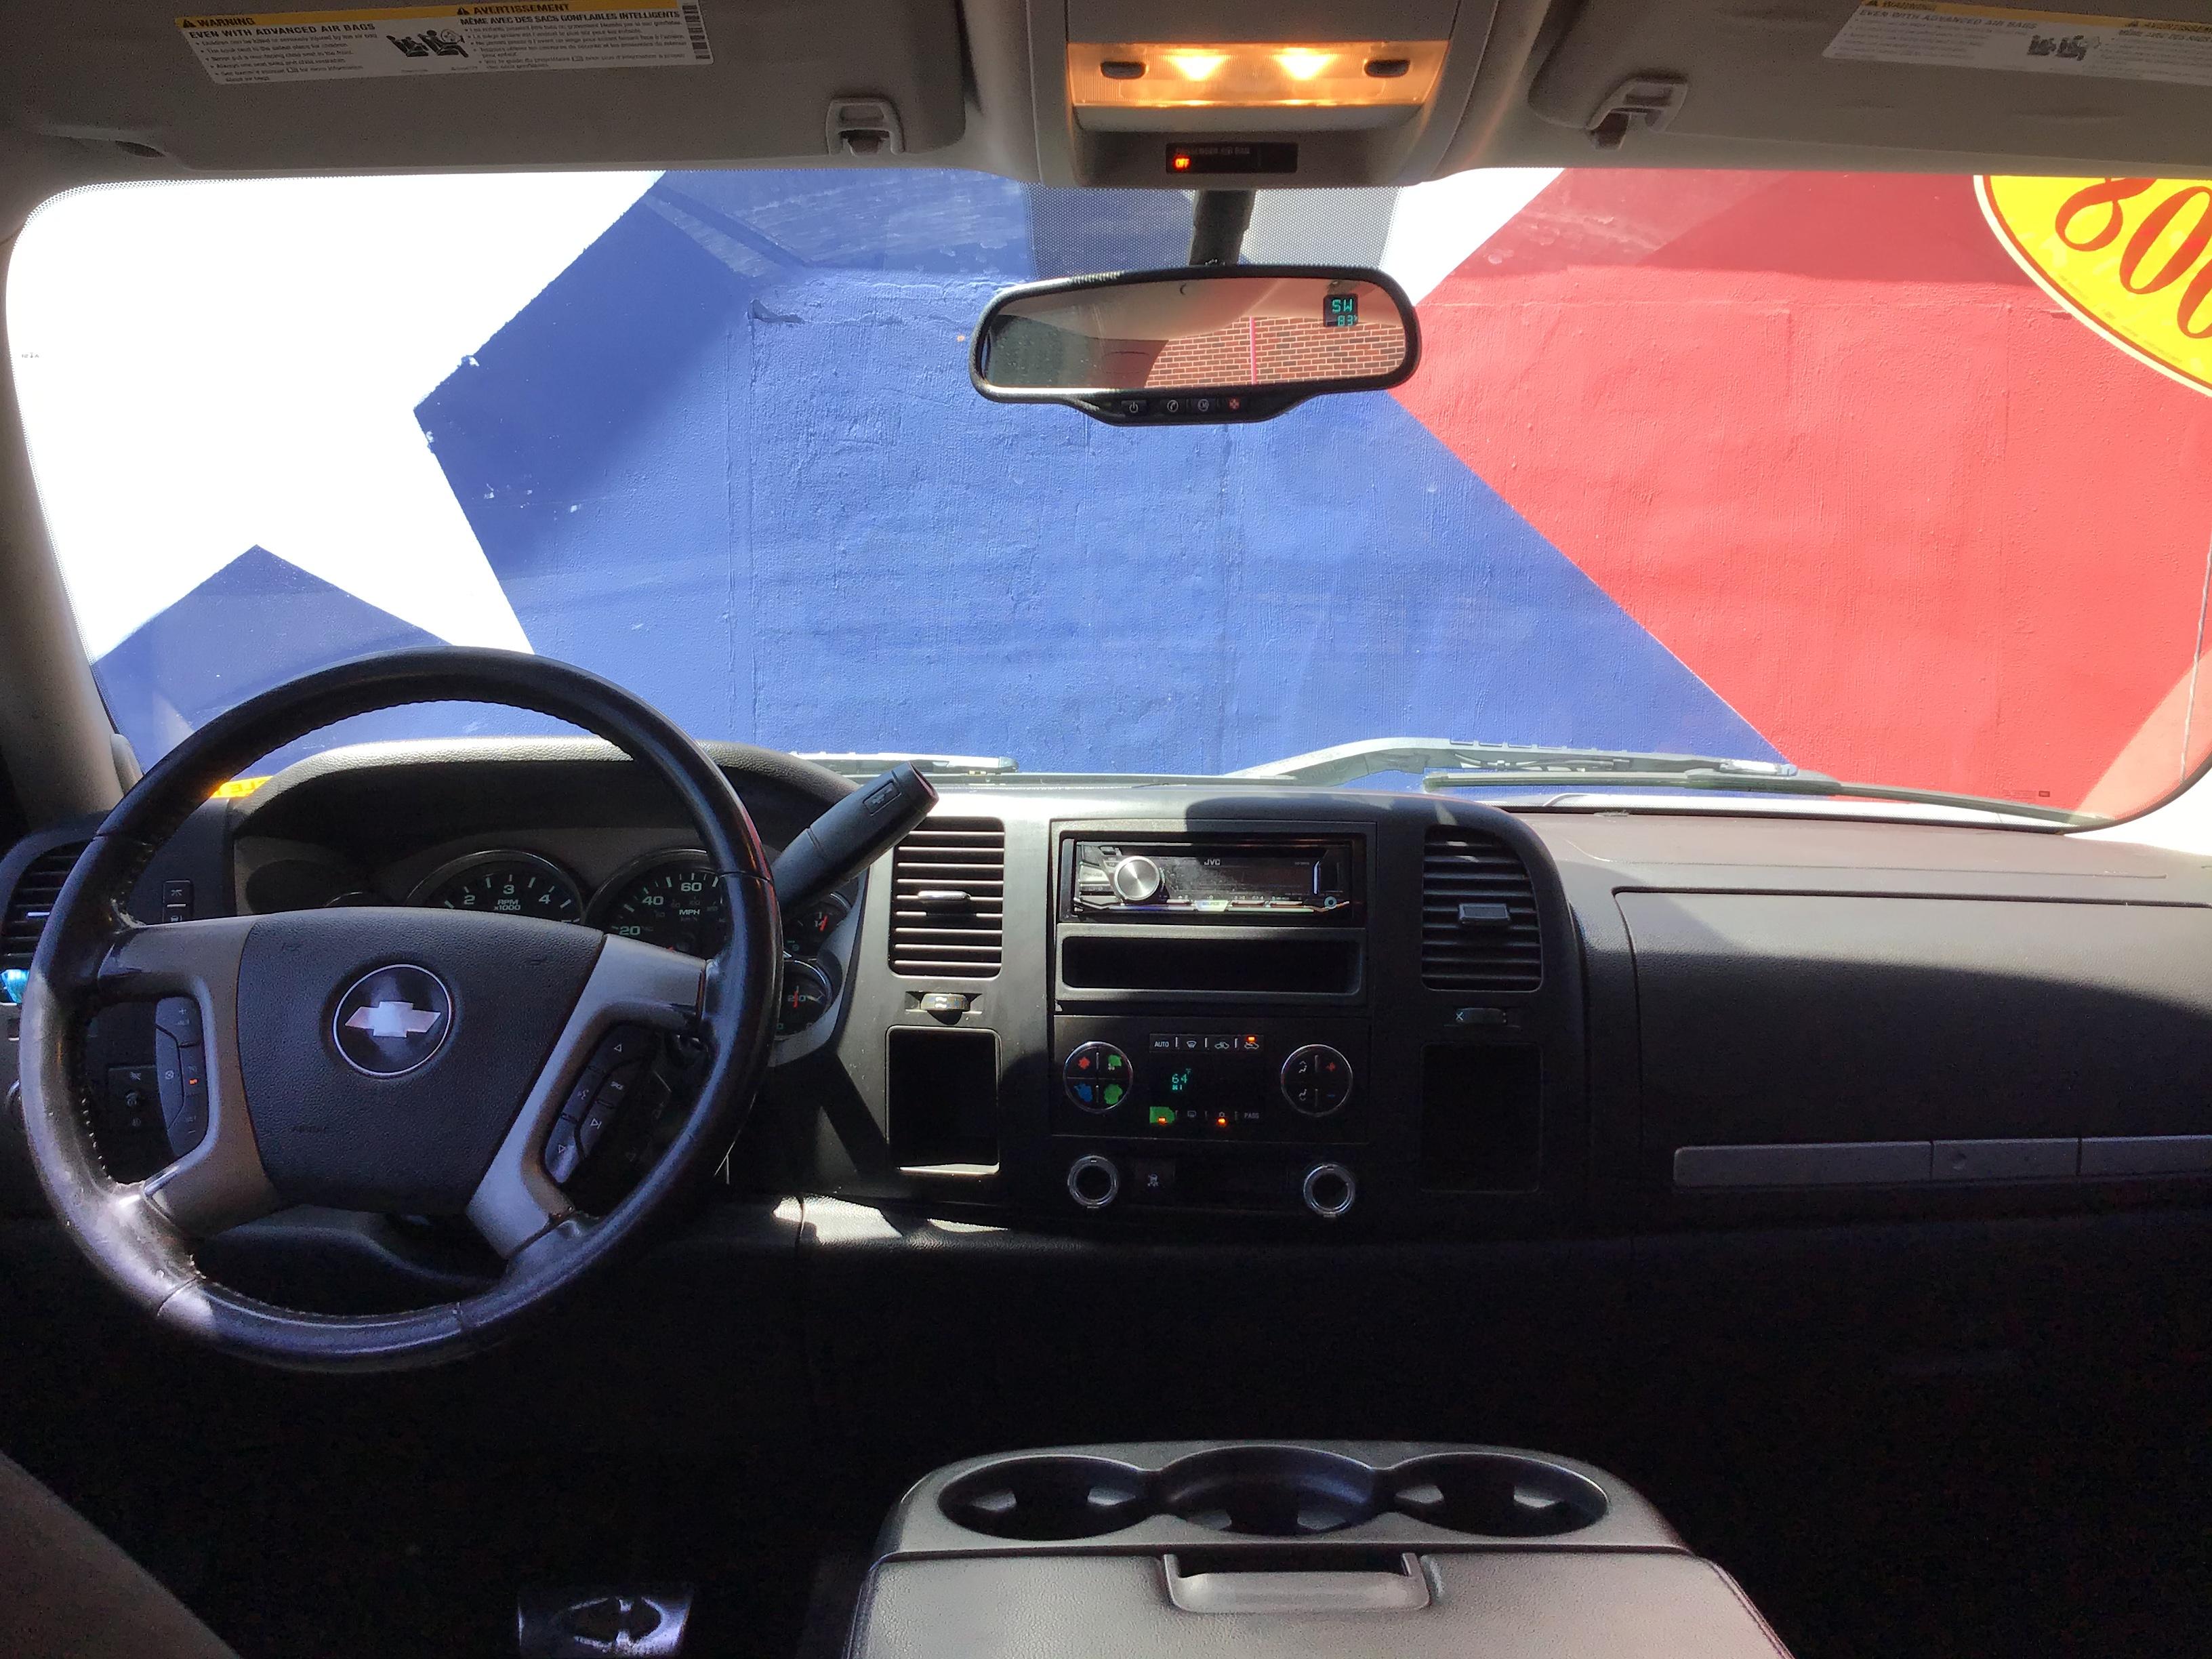 used vehicle - Crew Cab 2WD CHEVROLET SILVERADO 1500 2008